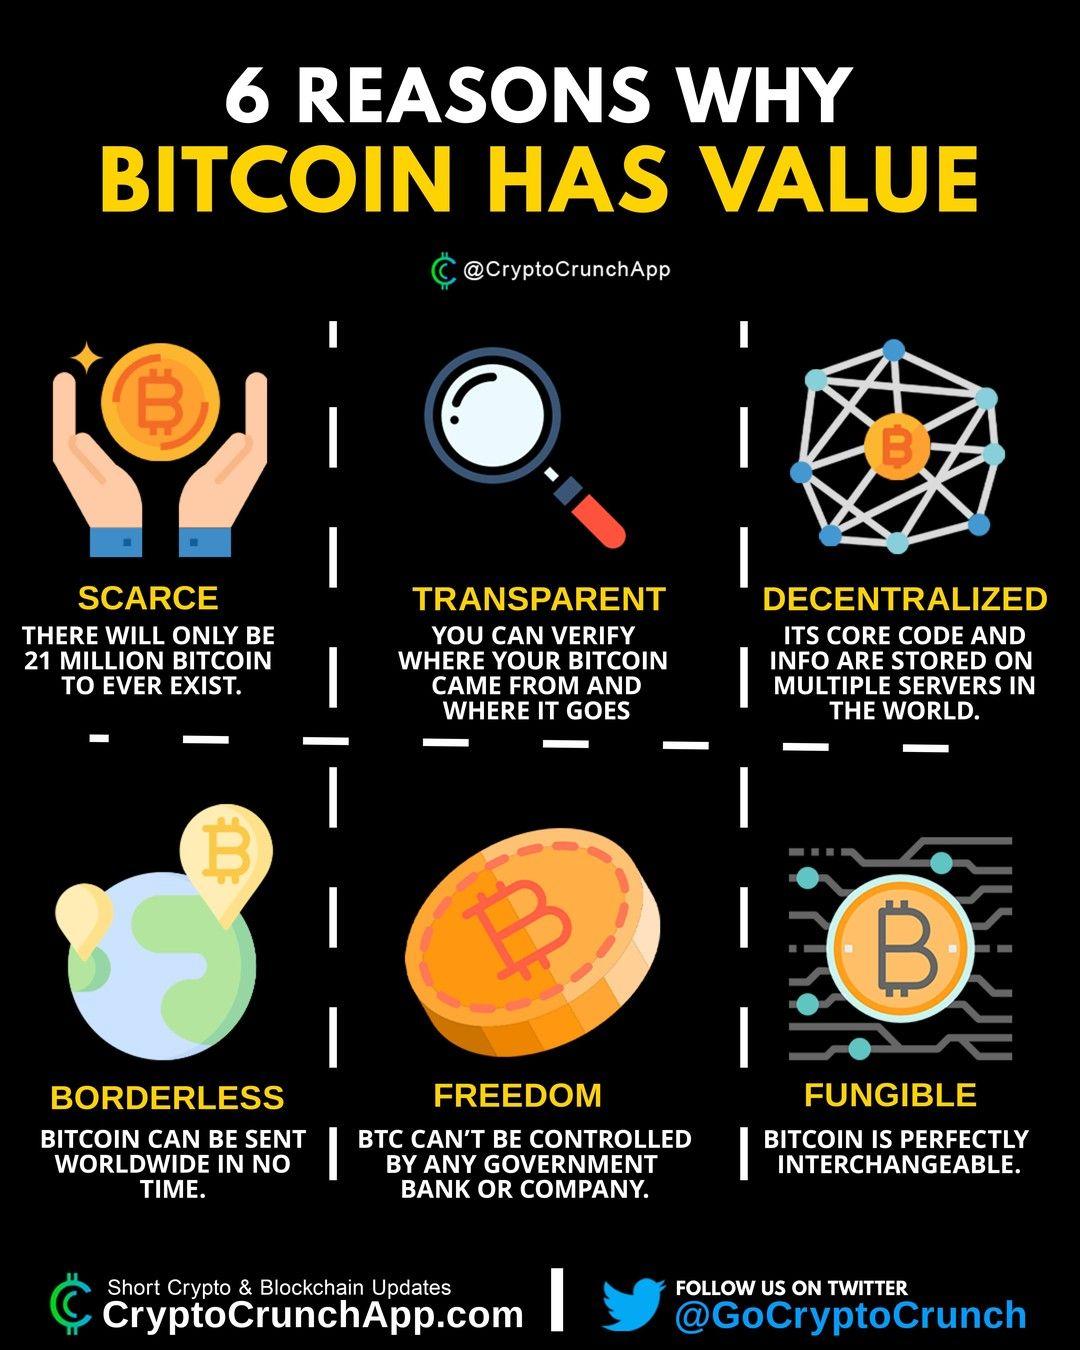 6 reason why bitcoin has value. . . 𝙀𝙖𝙜𝙡𝙚𝙁𝙓 𝙁𝙤𝙧𝙚𝙭